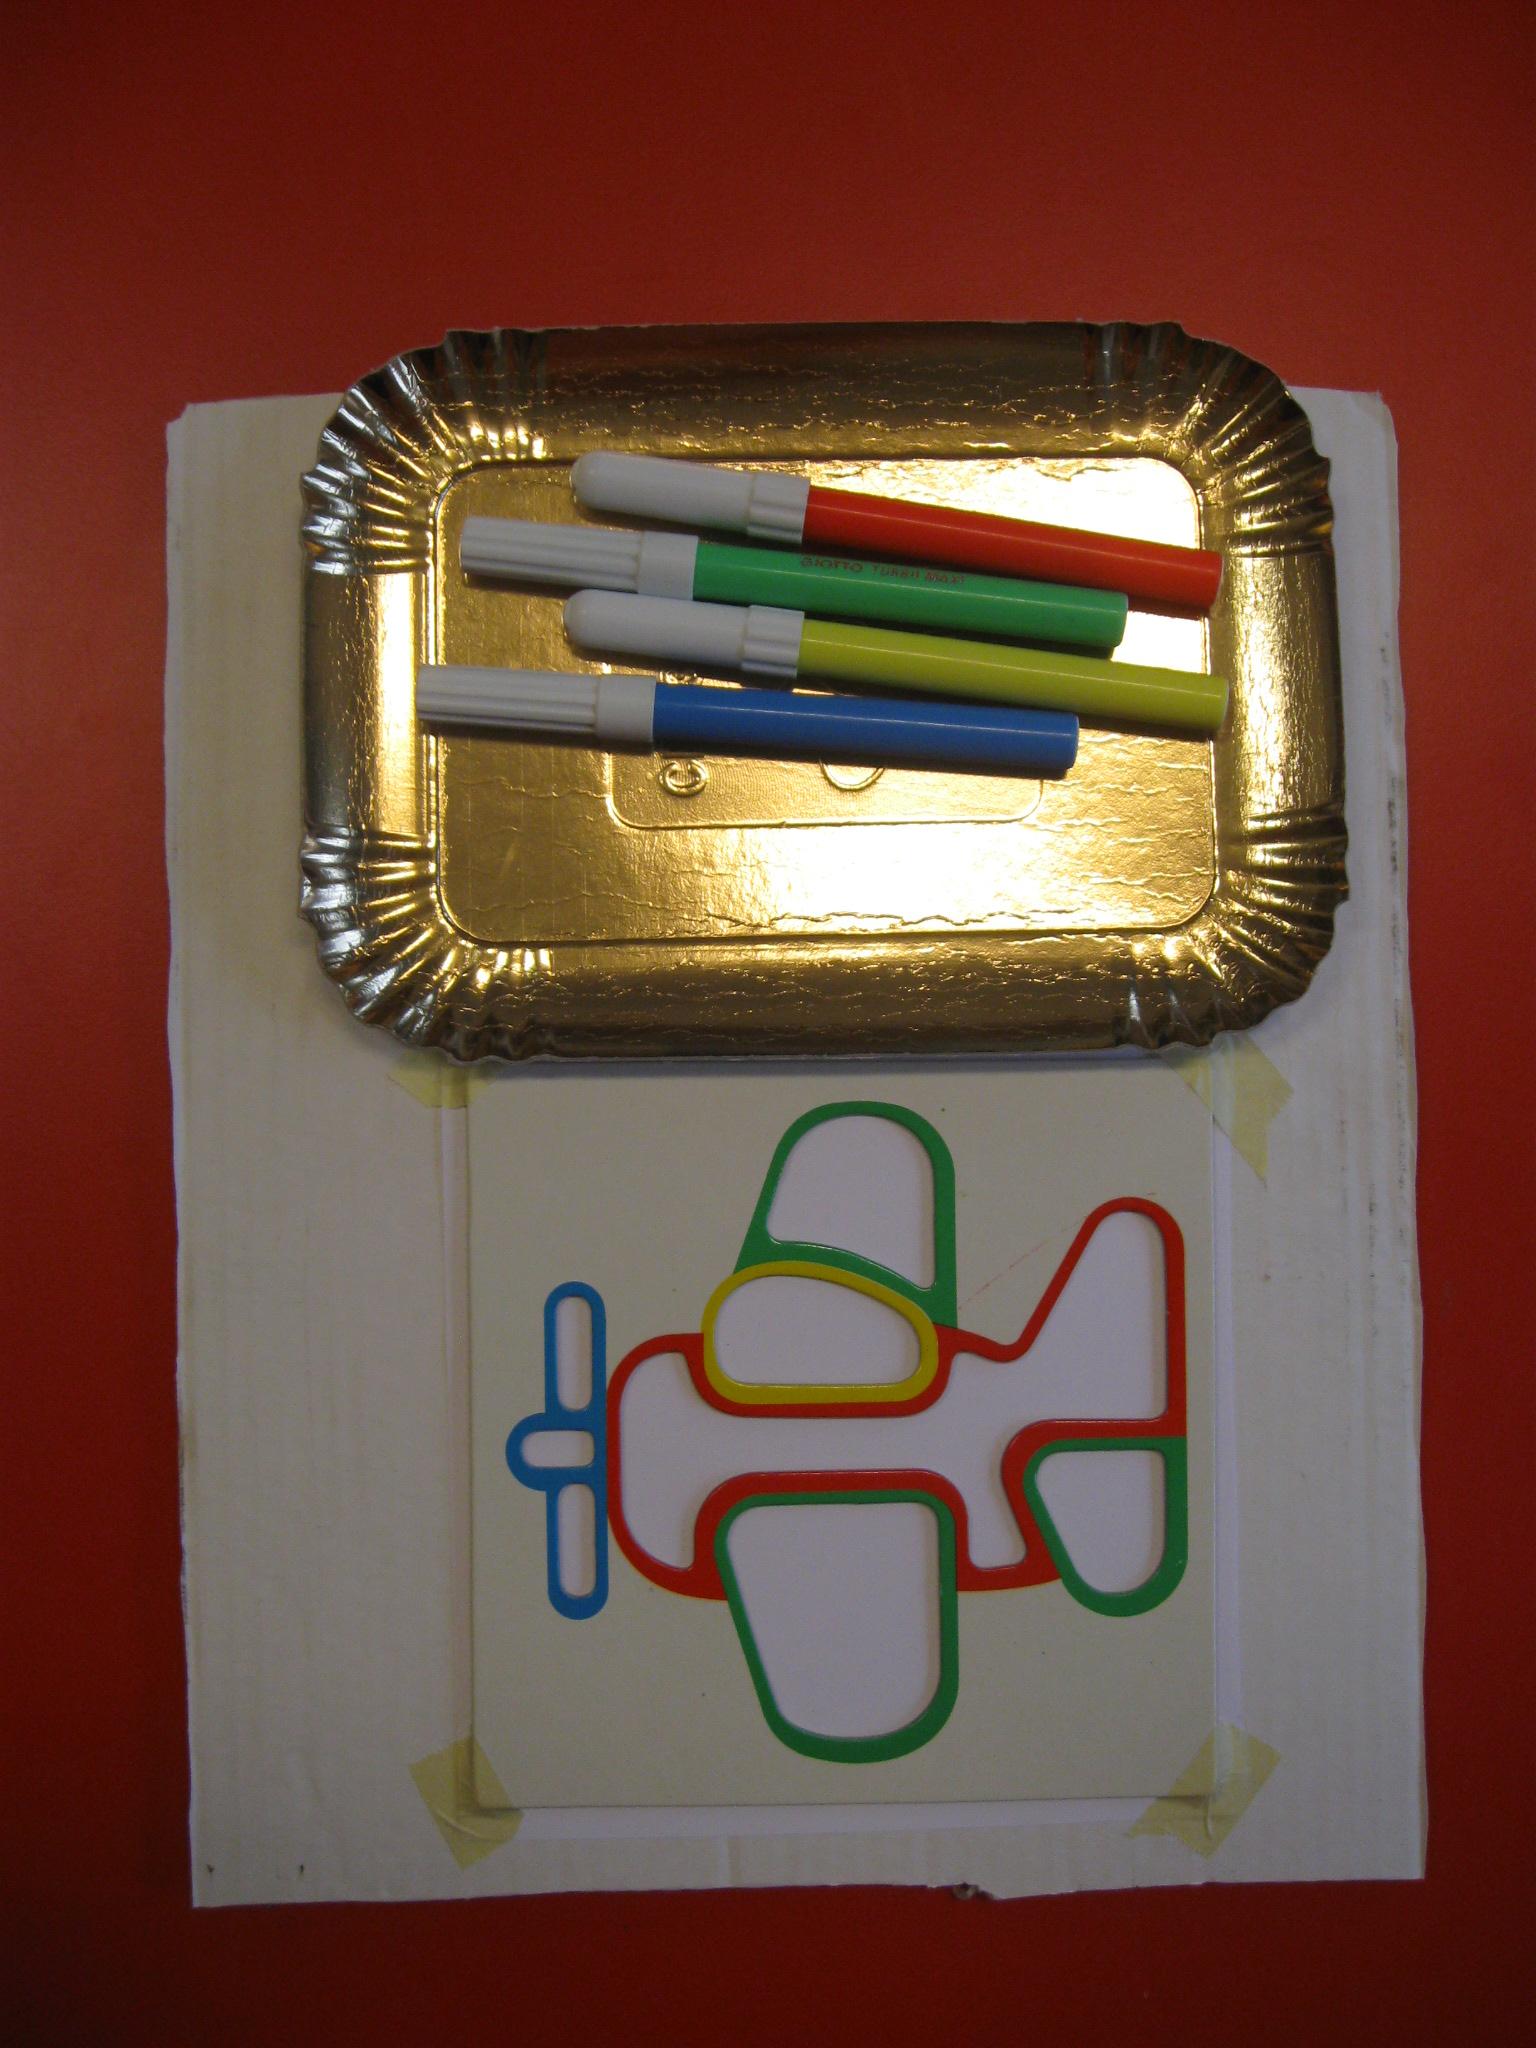 Cartone su cui sono posati un contenitore con pennarelli e uno stencil di un aereo adagiato su un foglio.